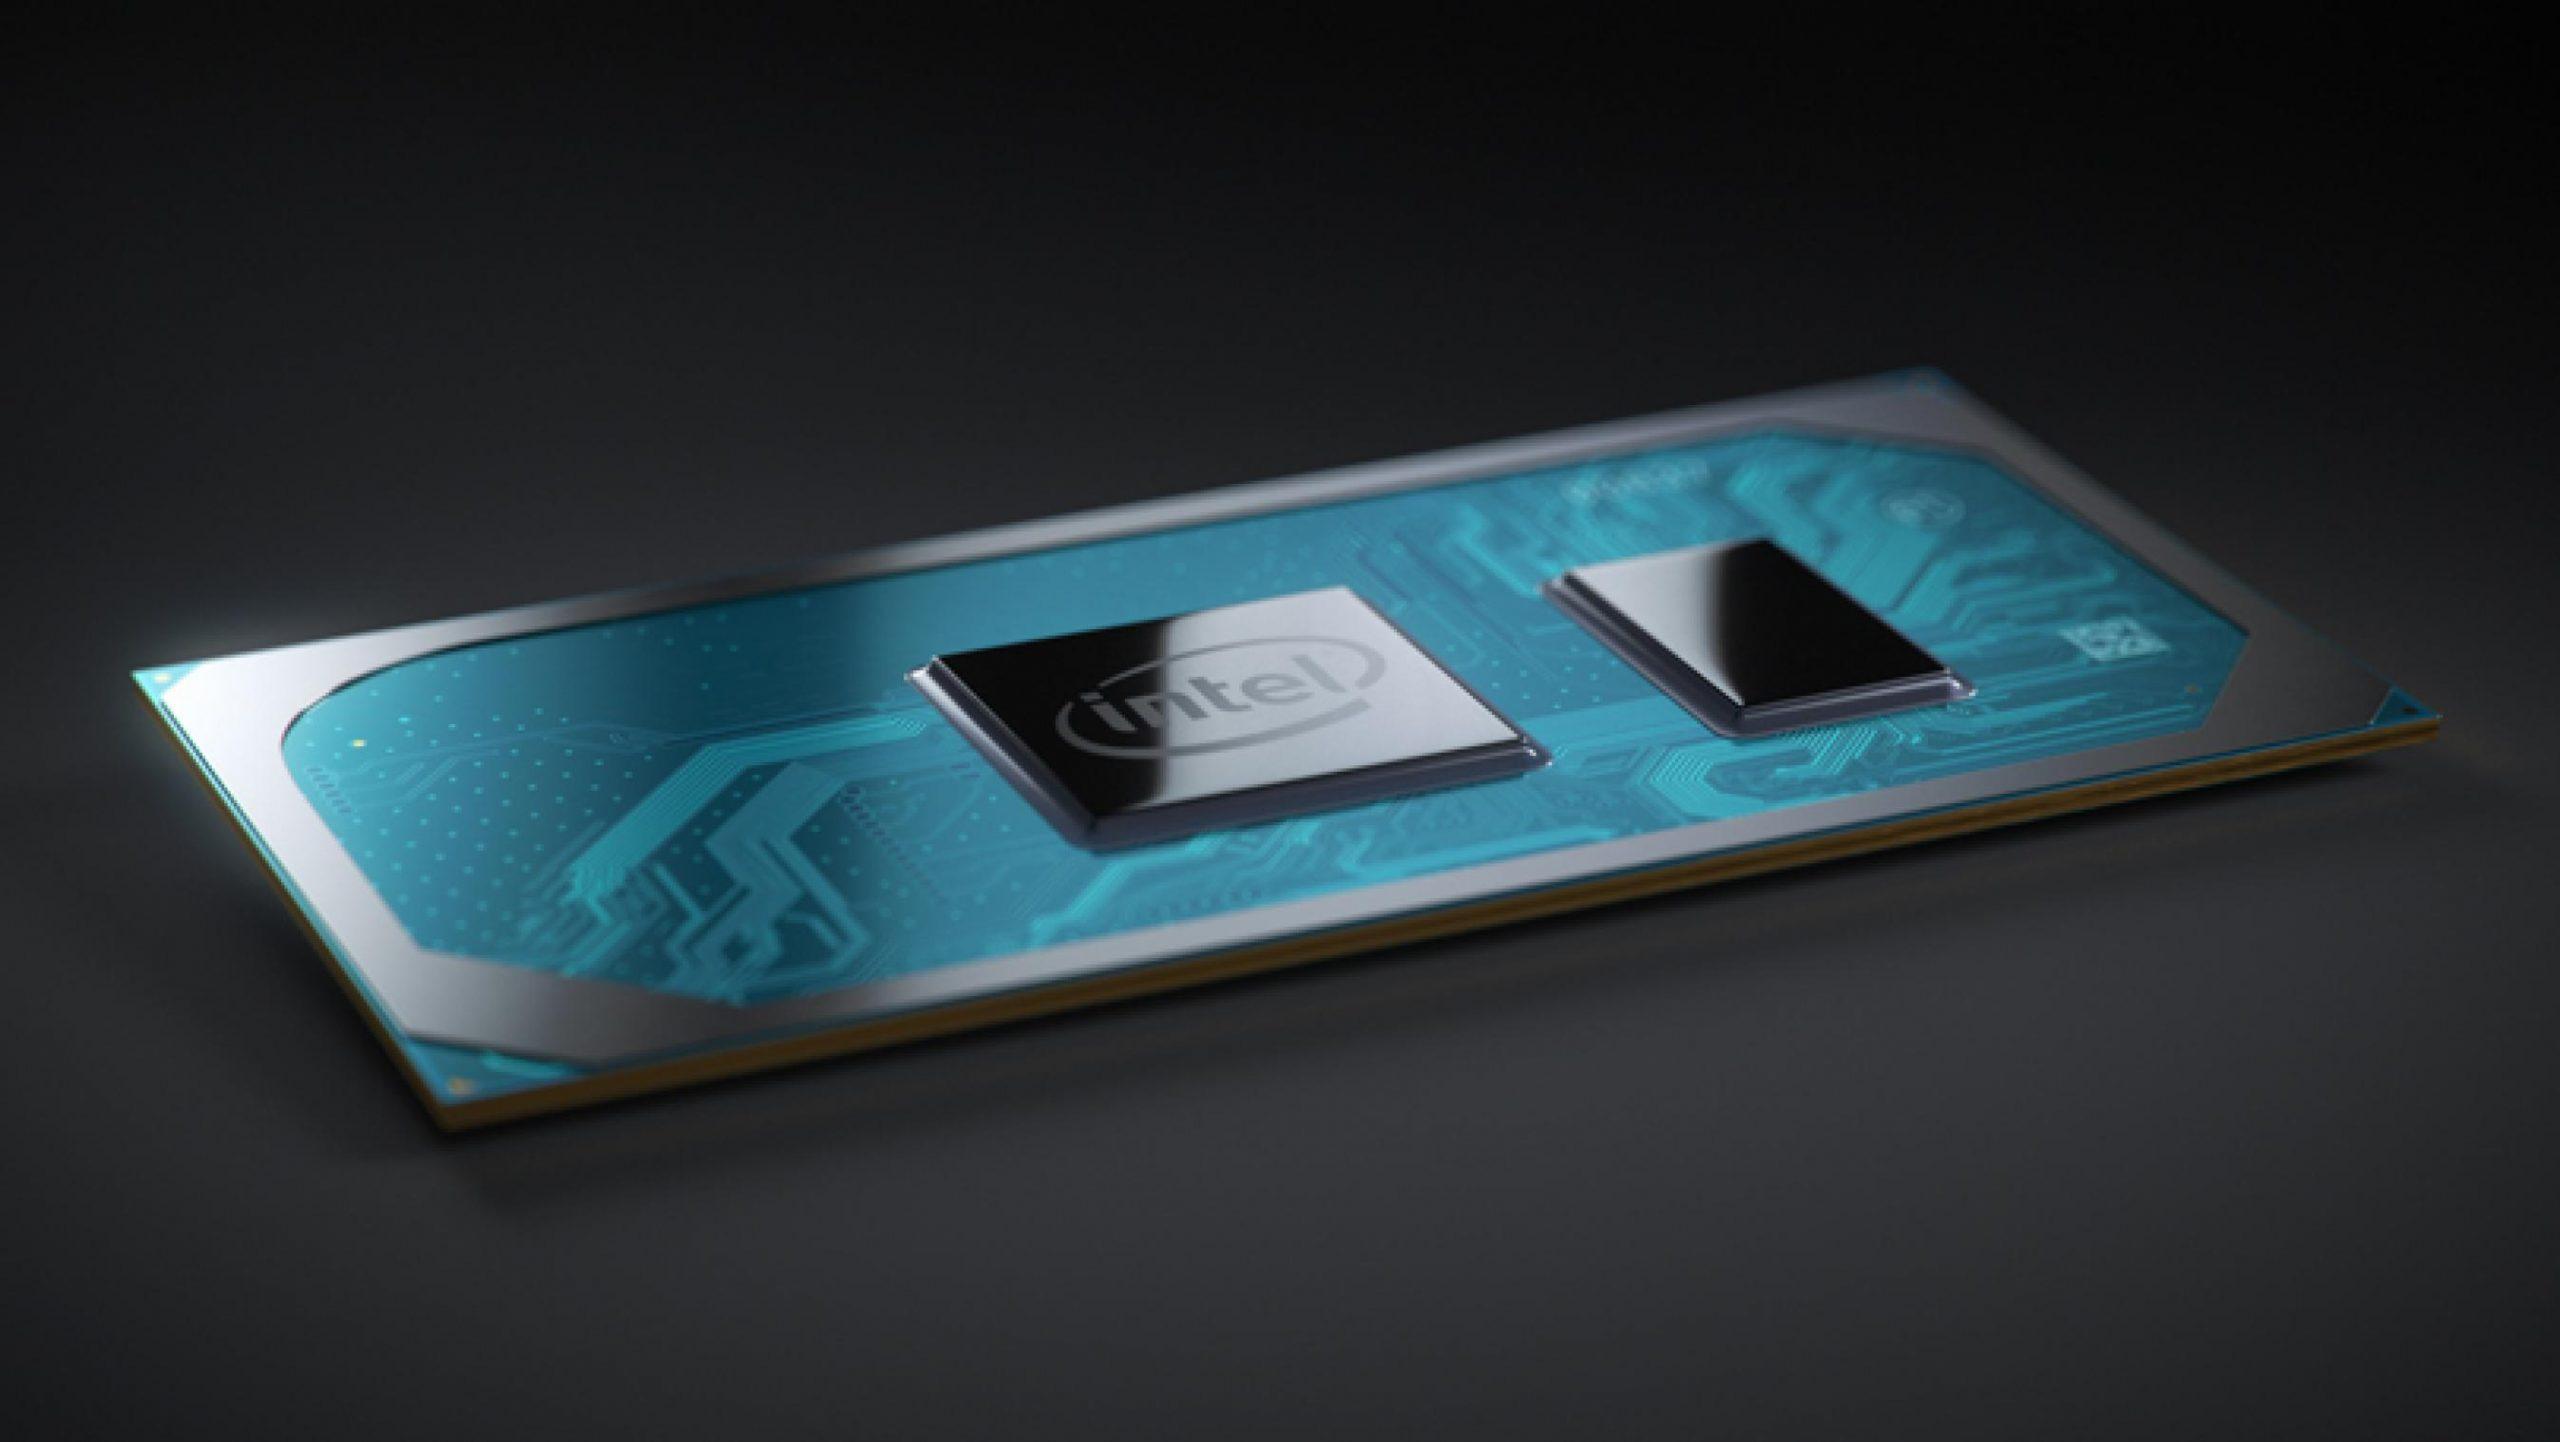 لیست برخی از سرفیس های جدید با پردازنده Ice Lake لو رفت